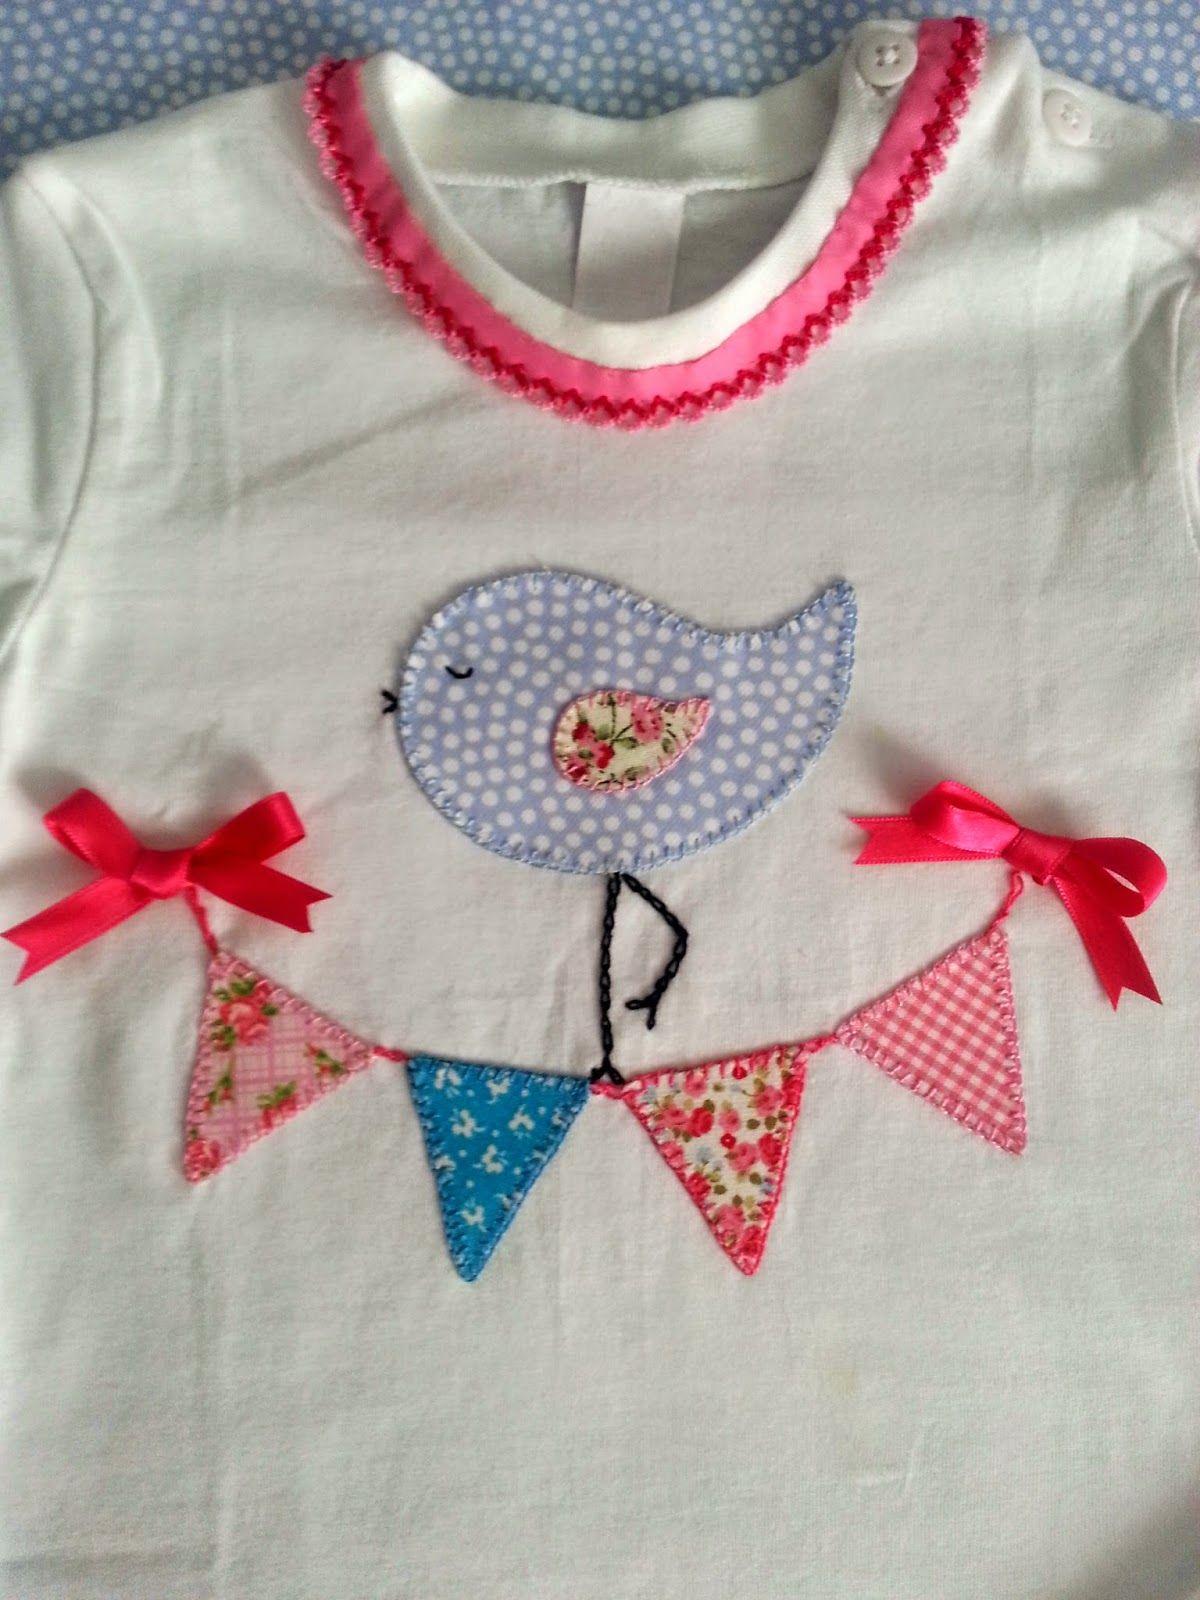 Creaciones Elyser Nueva Colecci N De Camisetas Infantiles  ~ Ideas Para Decorar Camisetas Infantiles